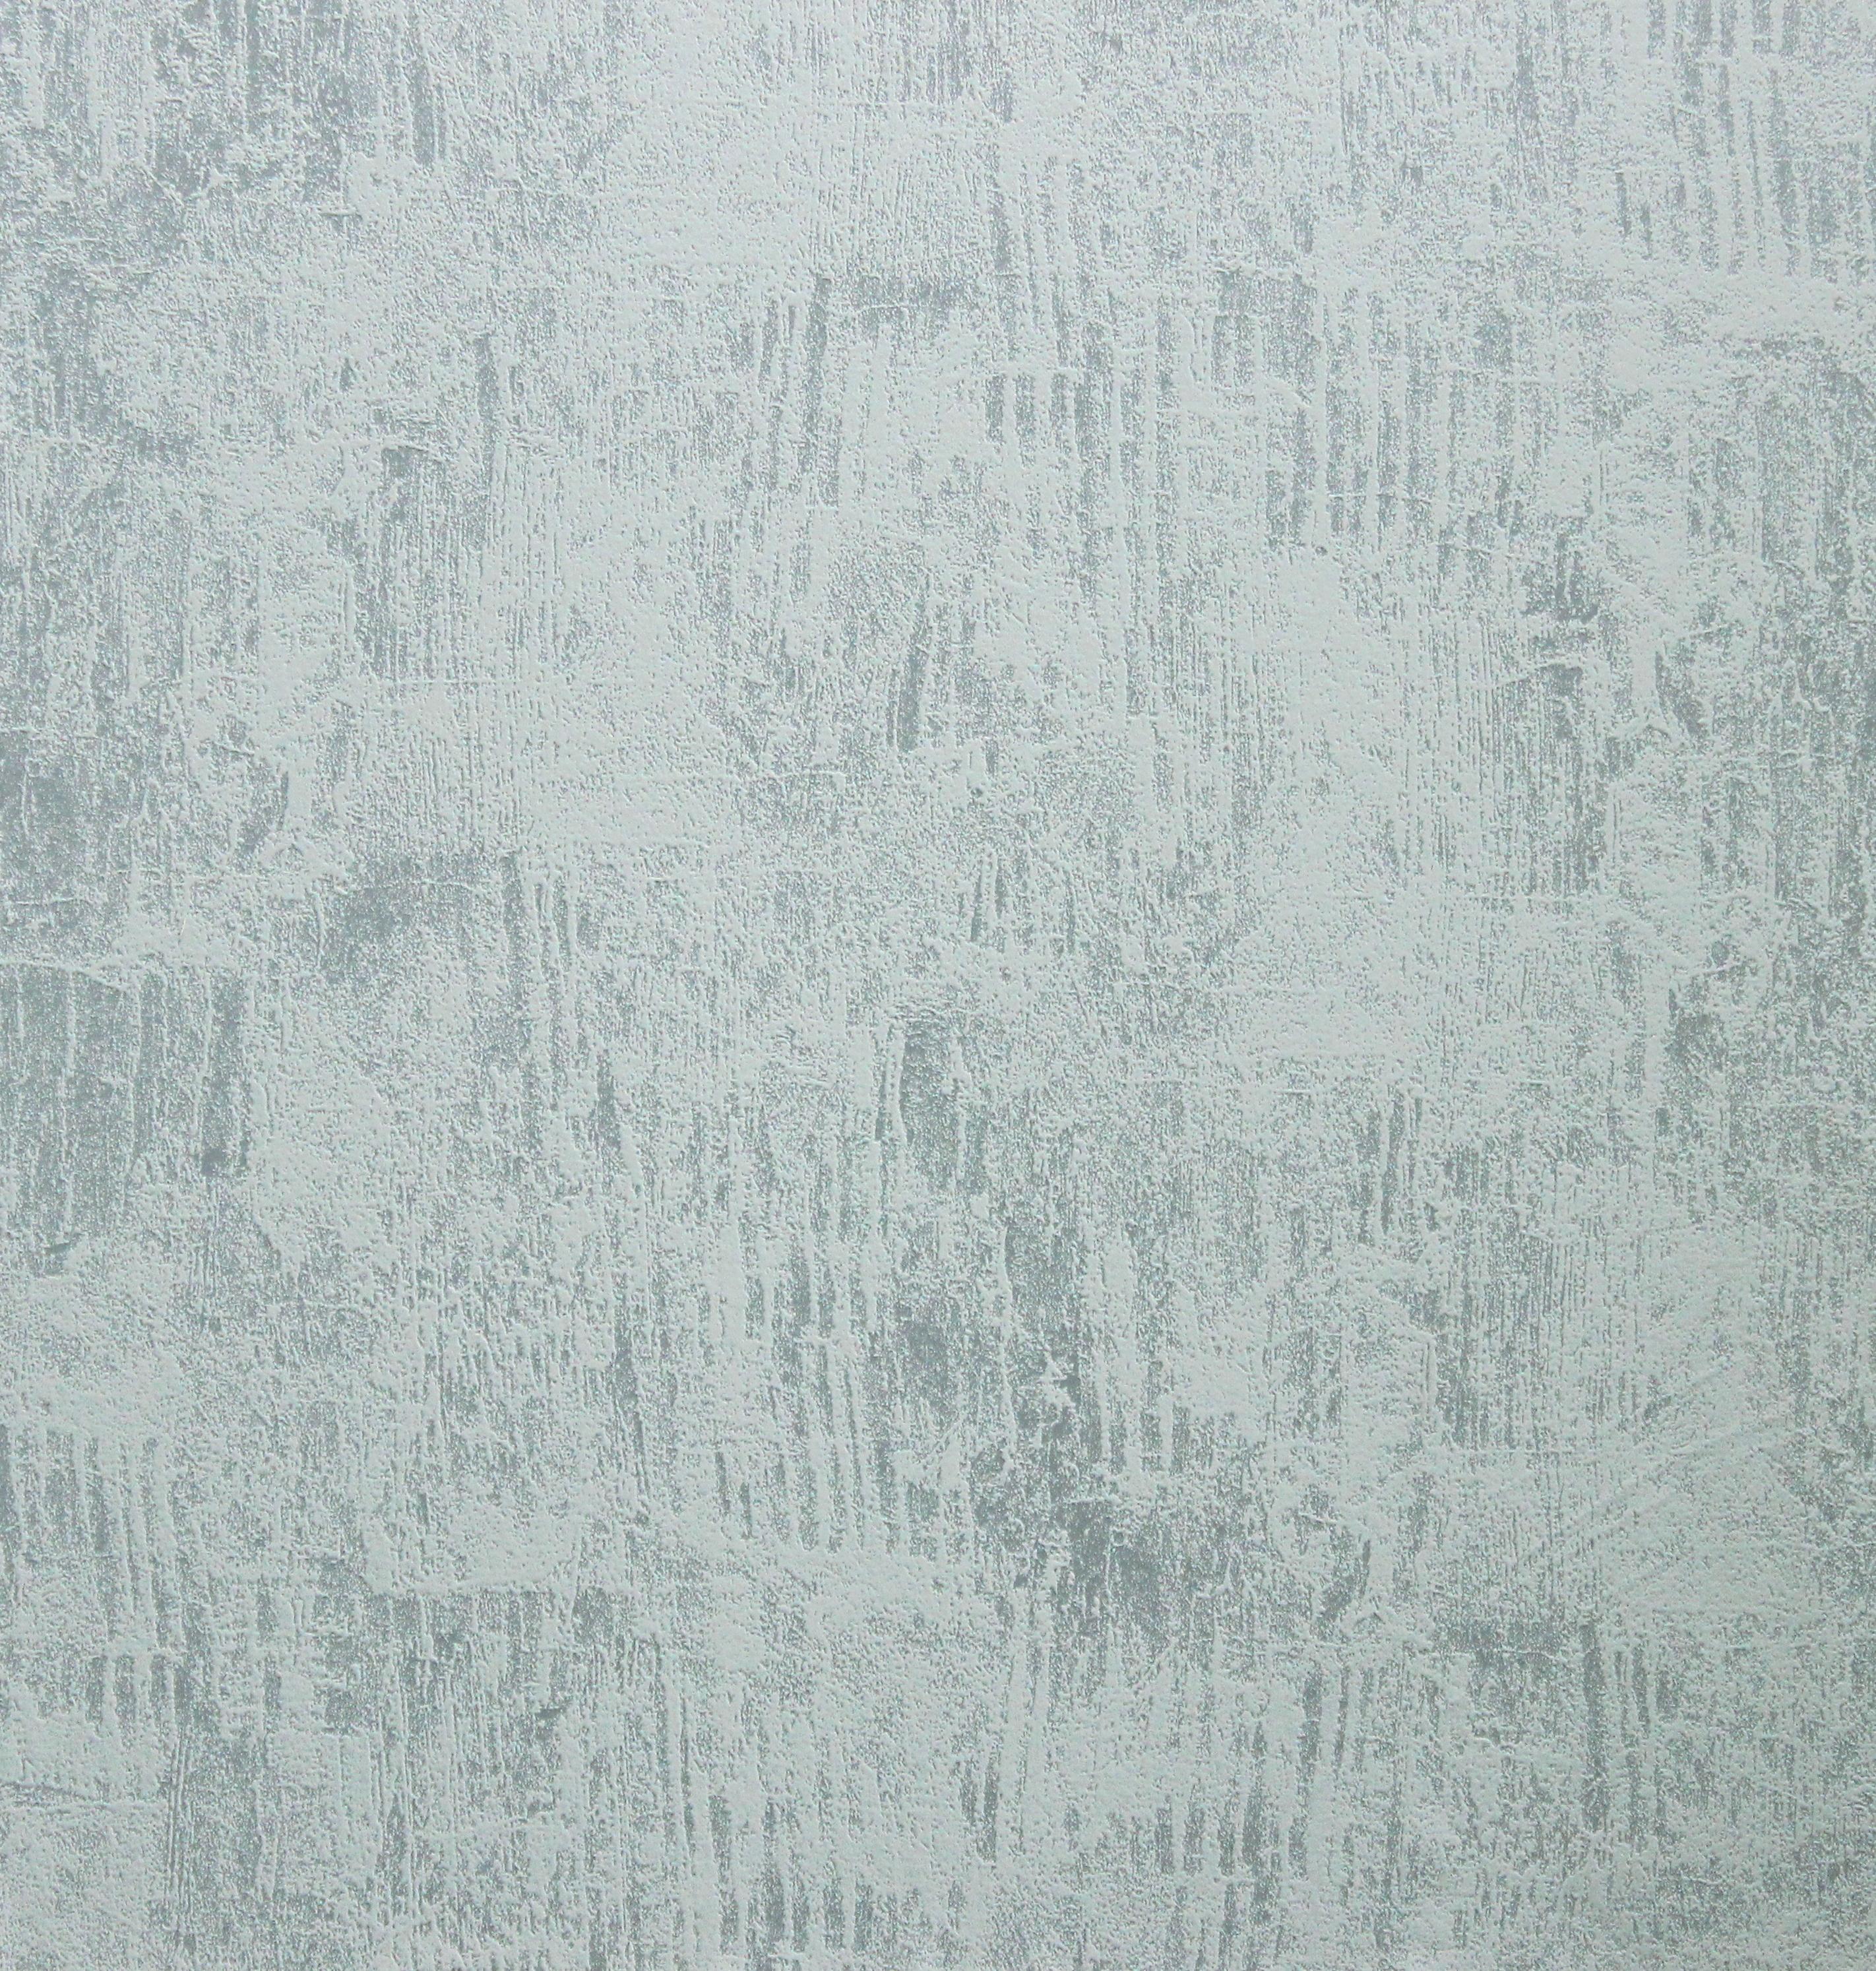 کاغذ دیواری طرح پتینه کلاسیک از آلبوم بلمونت کد 49510 ساخت کشور هلند با  برند بی ان